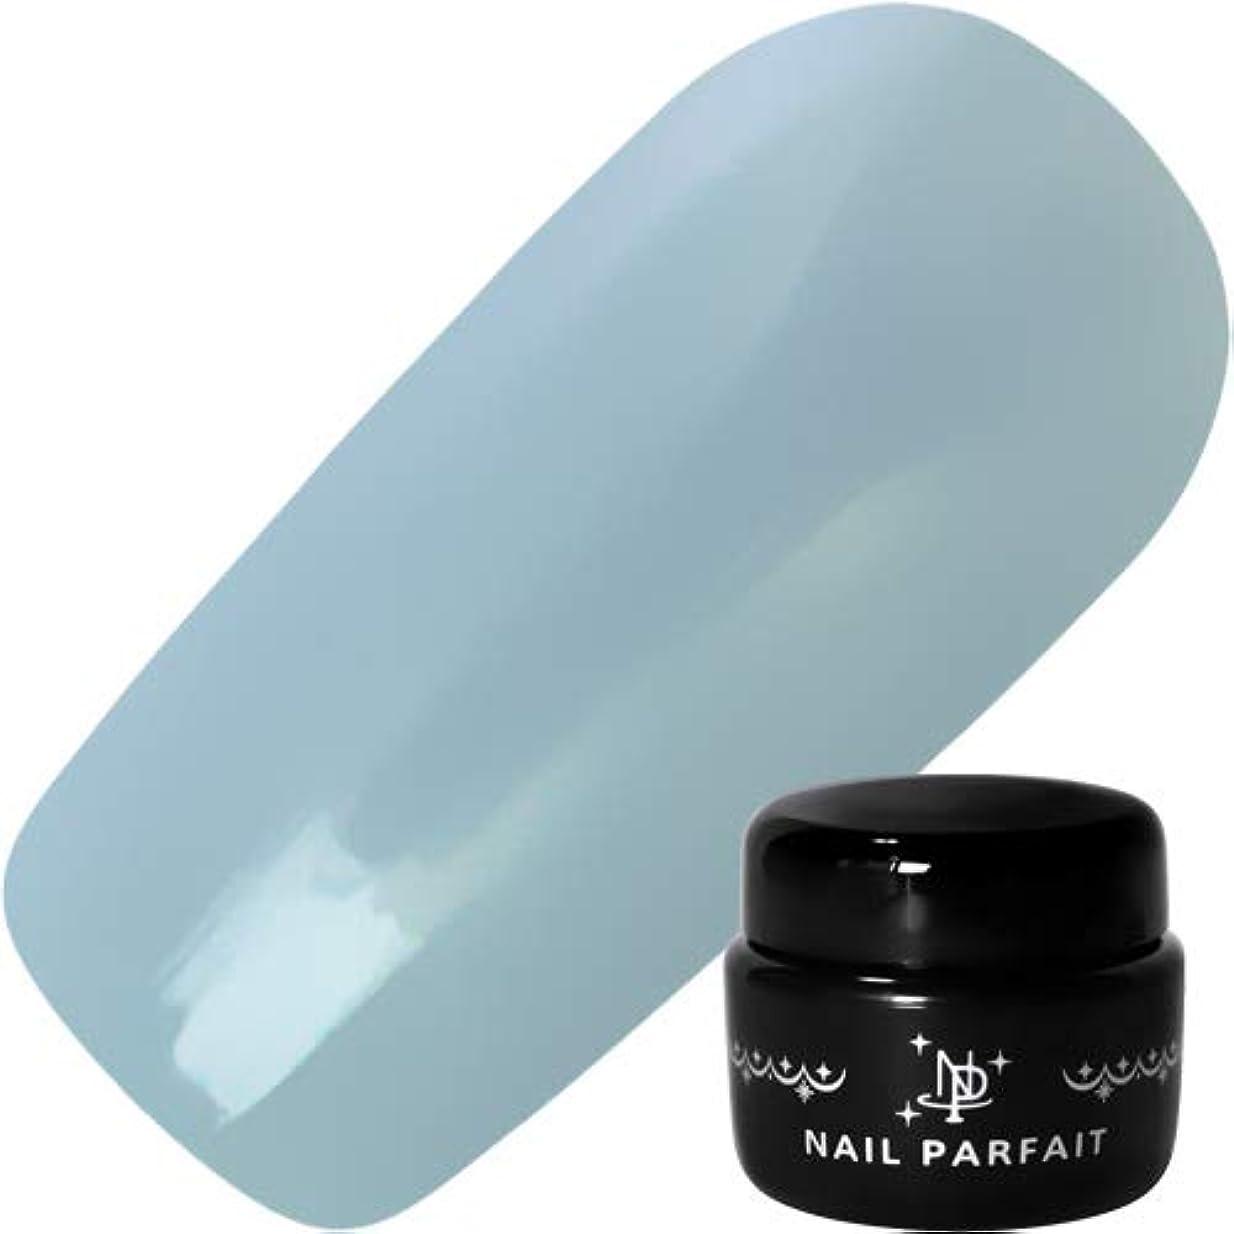 補充指導する影のあるNAIL PARFAIT ネイルパフェ カラージェル A55ペールブルー 2g 【ジェル/カラージェル?ネイル用品】